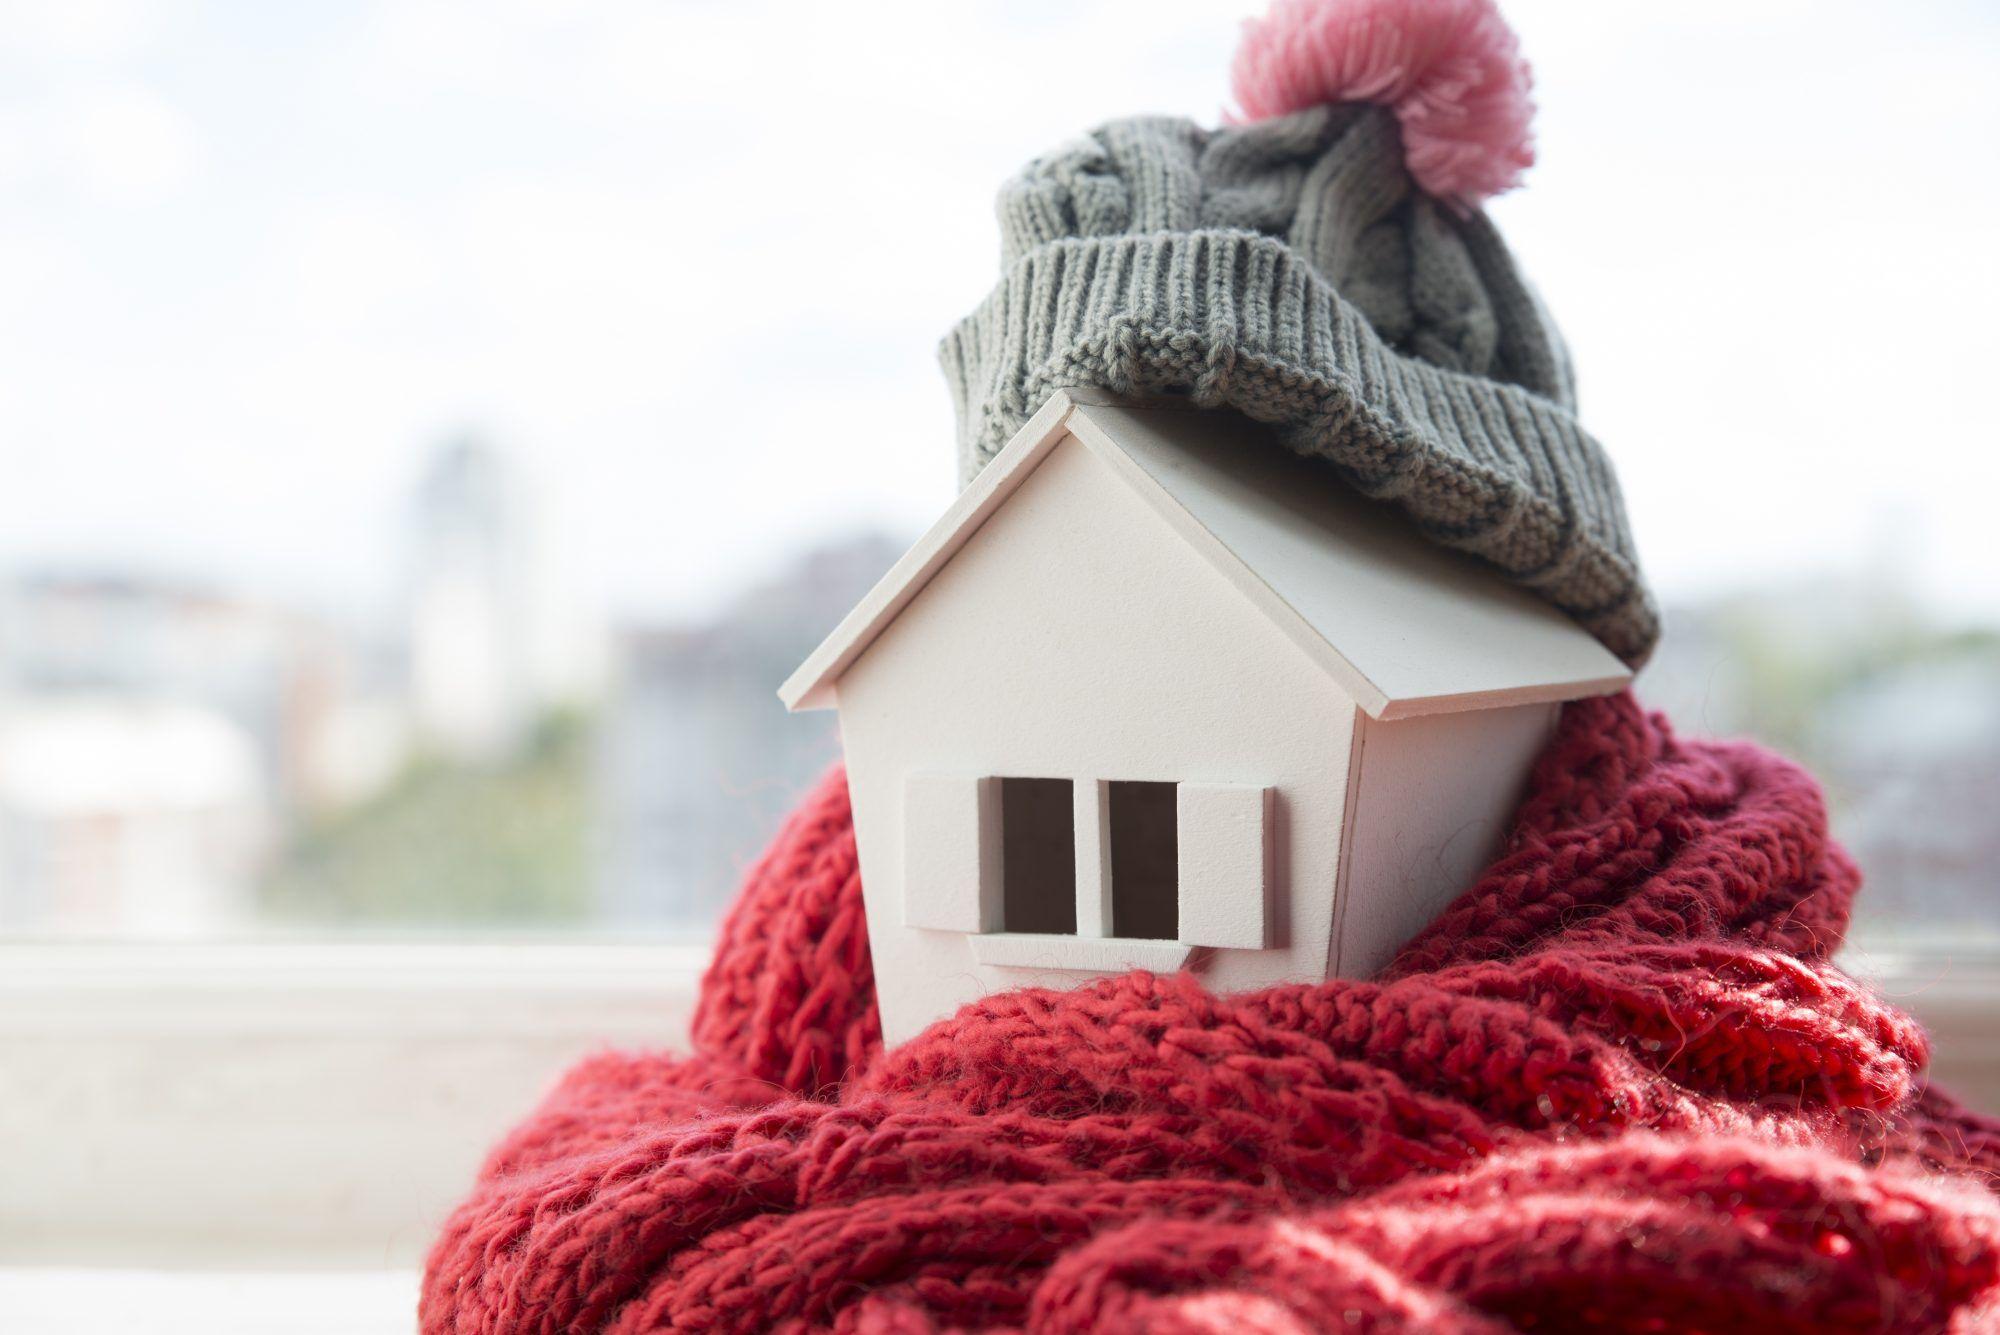 20360 - moduri prin care îți poți pregăti casa pentru temperaturi scăzute și îngheț